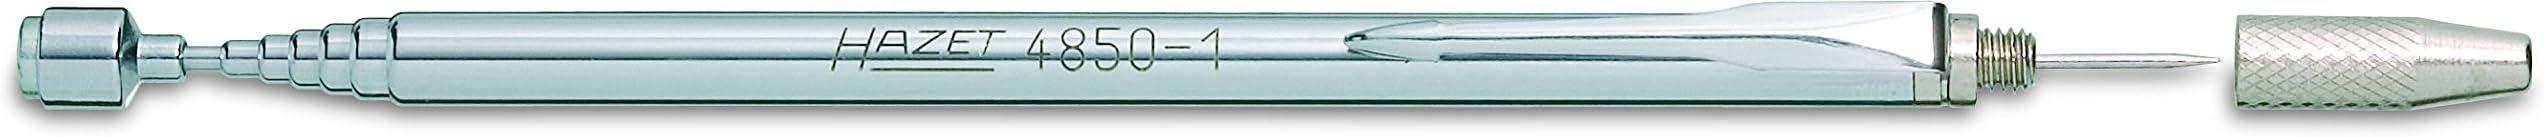 Hazet 4850-1 Düseneinsteller-Scheibenwaschanlage